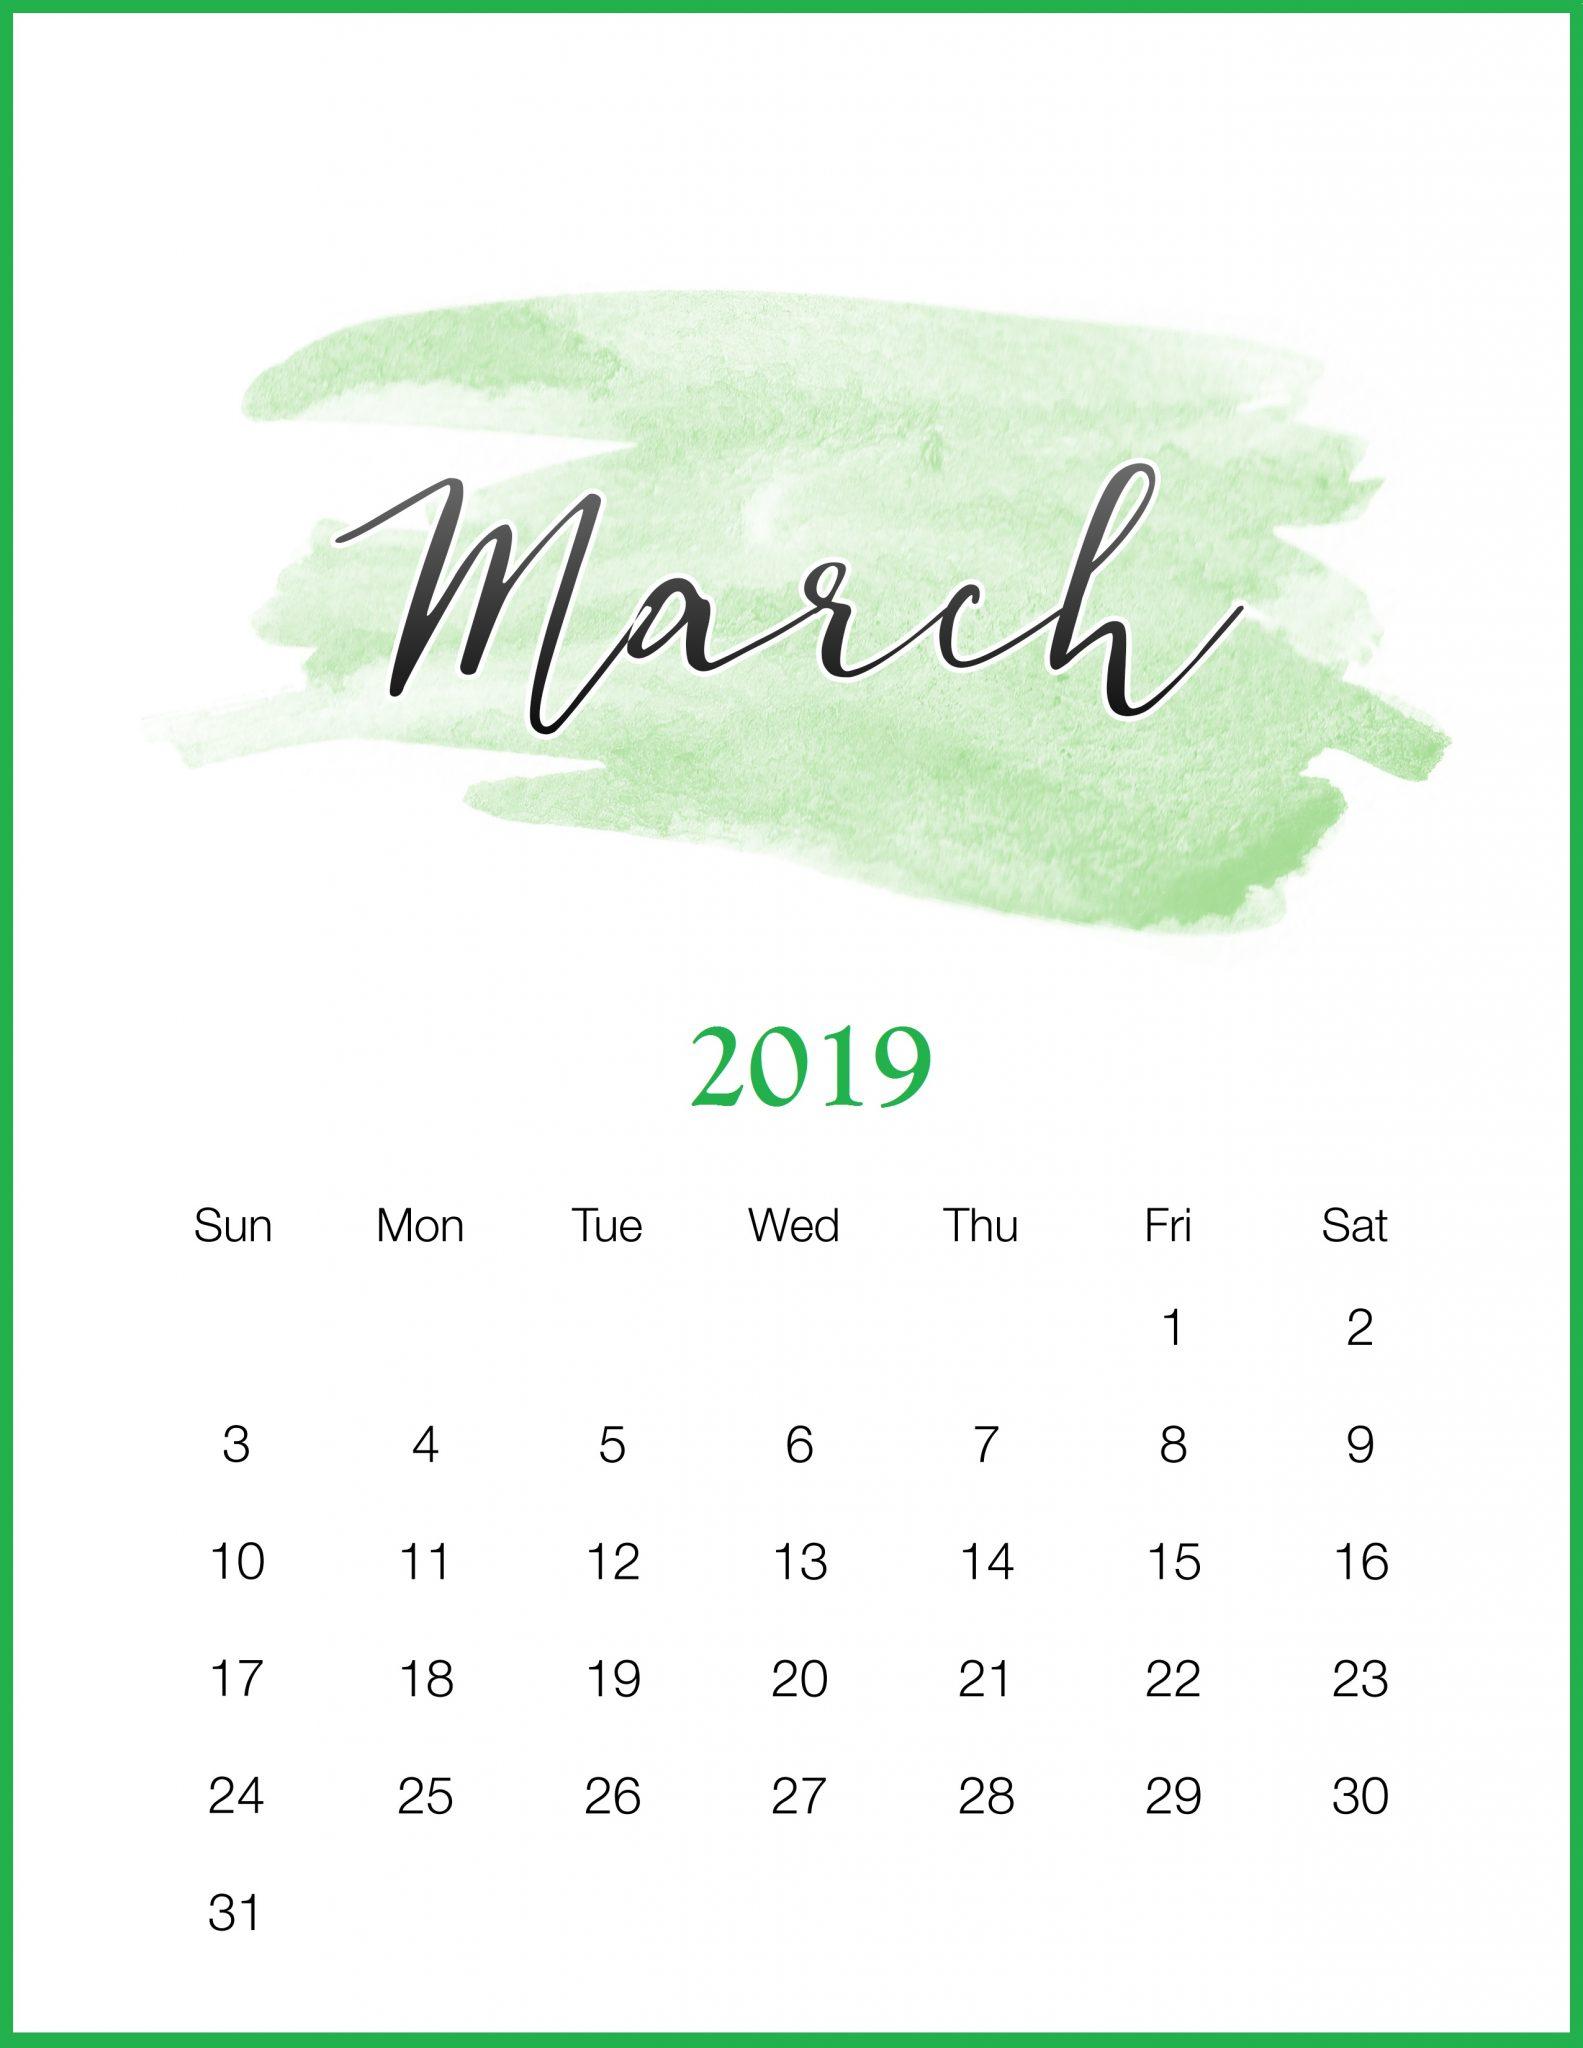 Watercolor 2019 March Printable Calendar